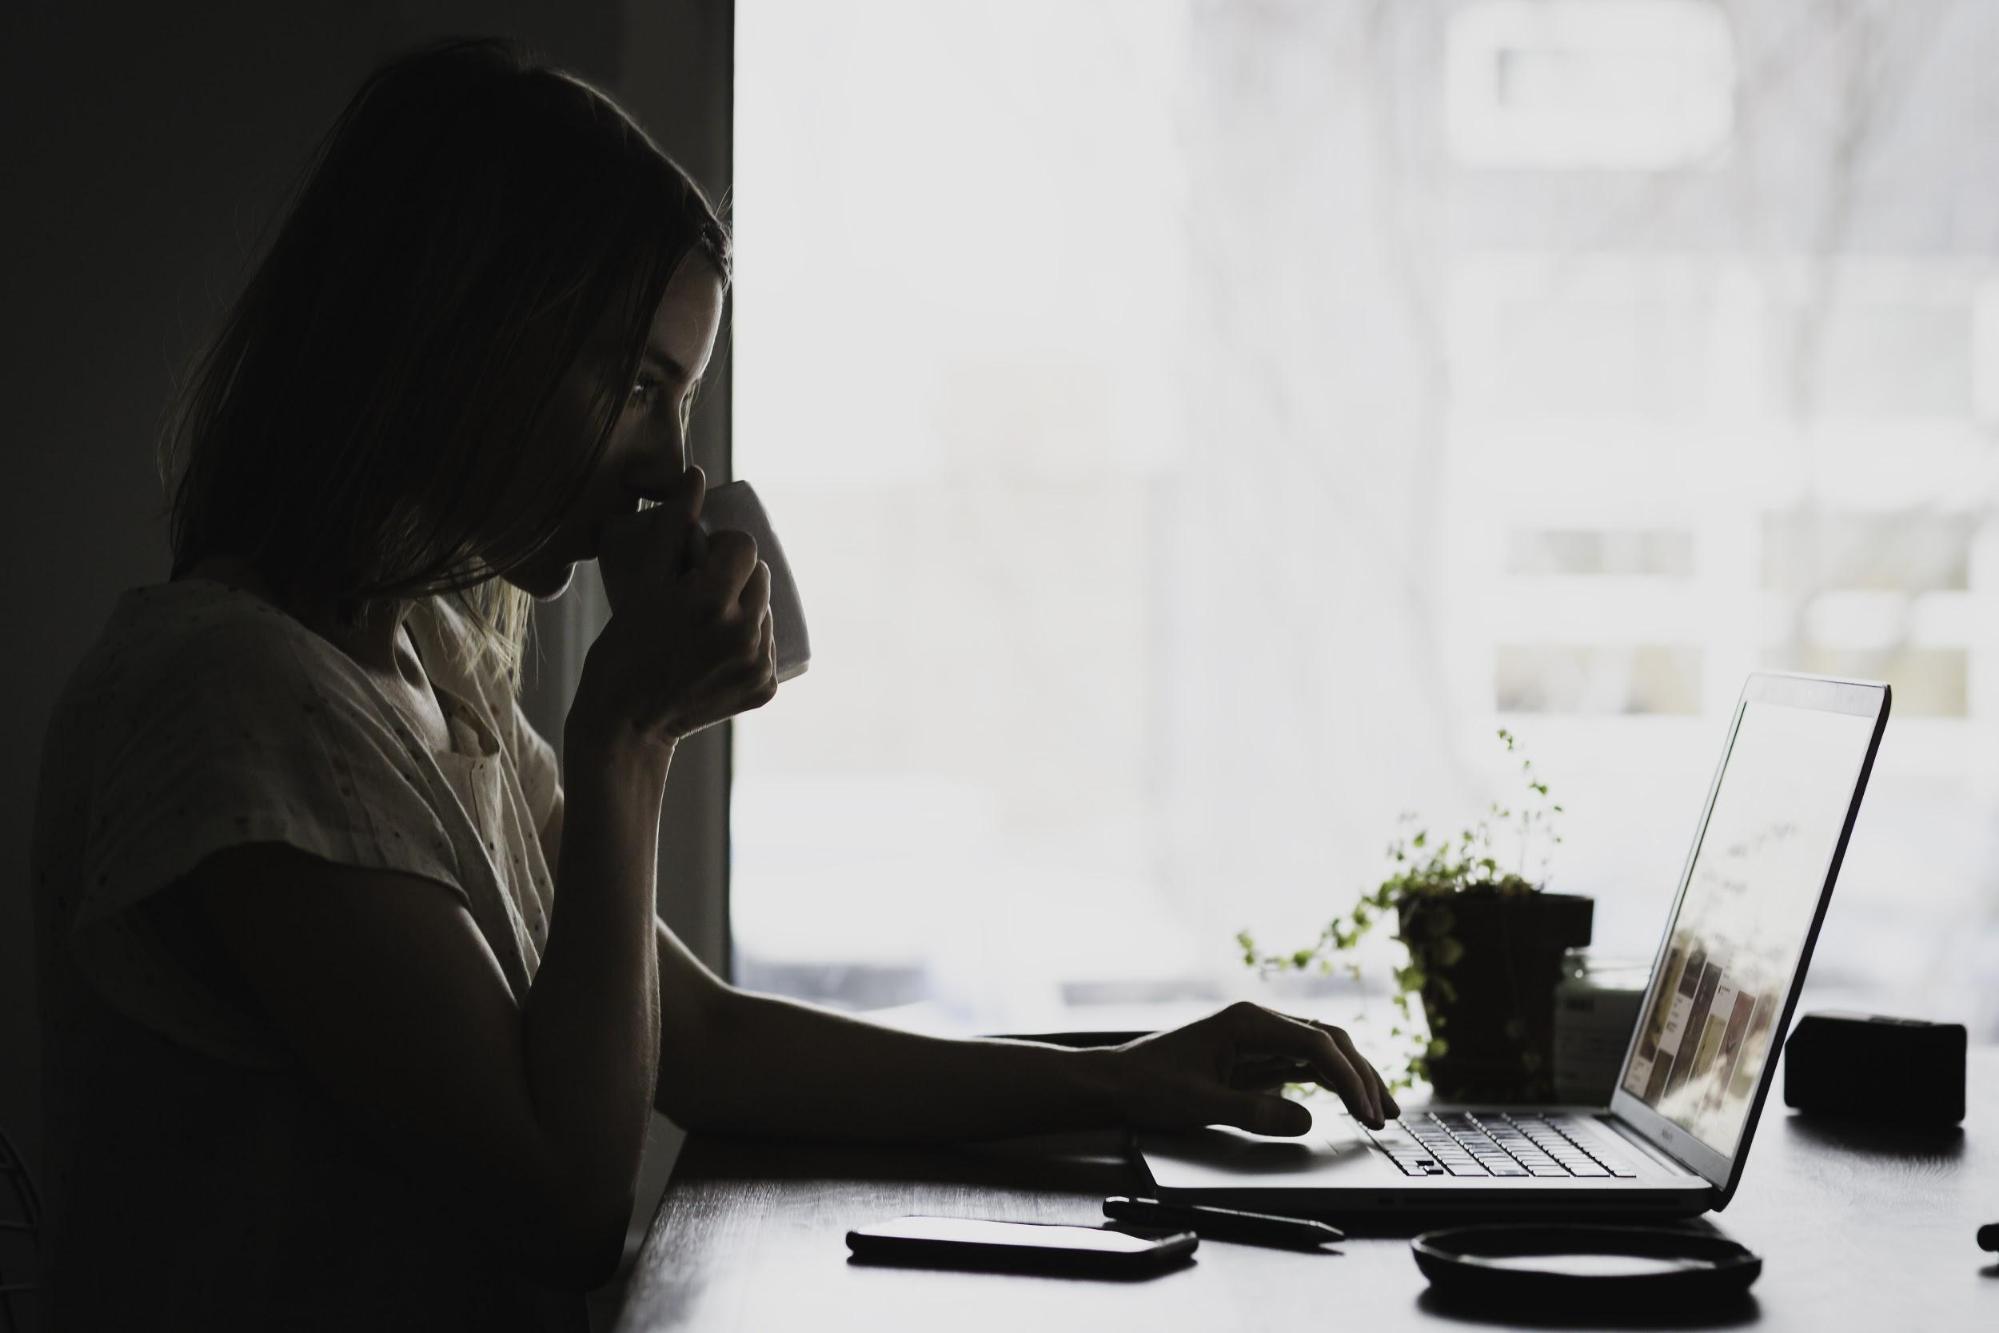 Foto ilustrativa de Mulher trabalhando remoto em seu notebook